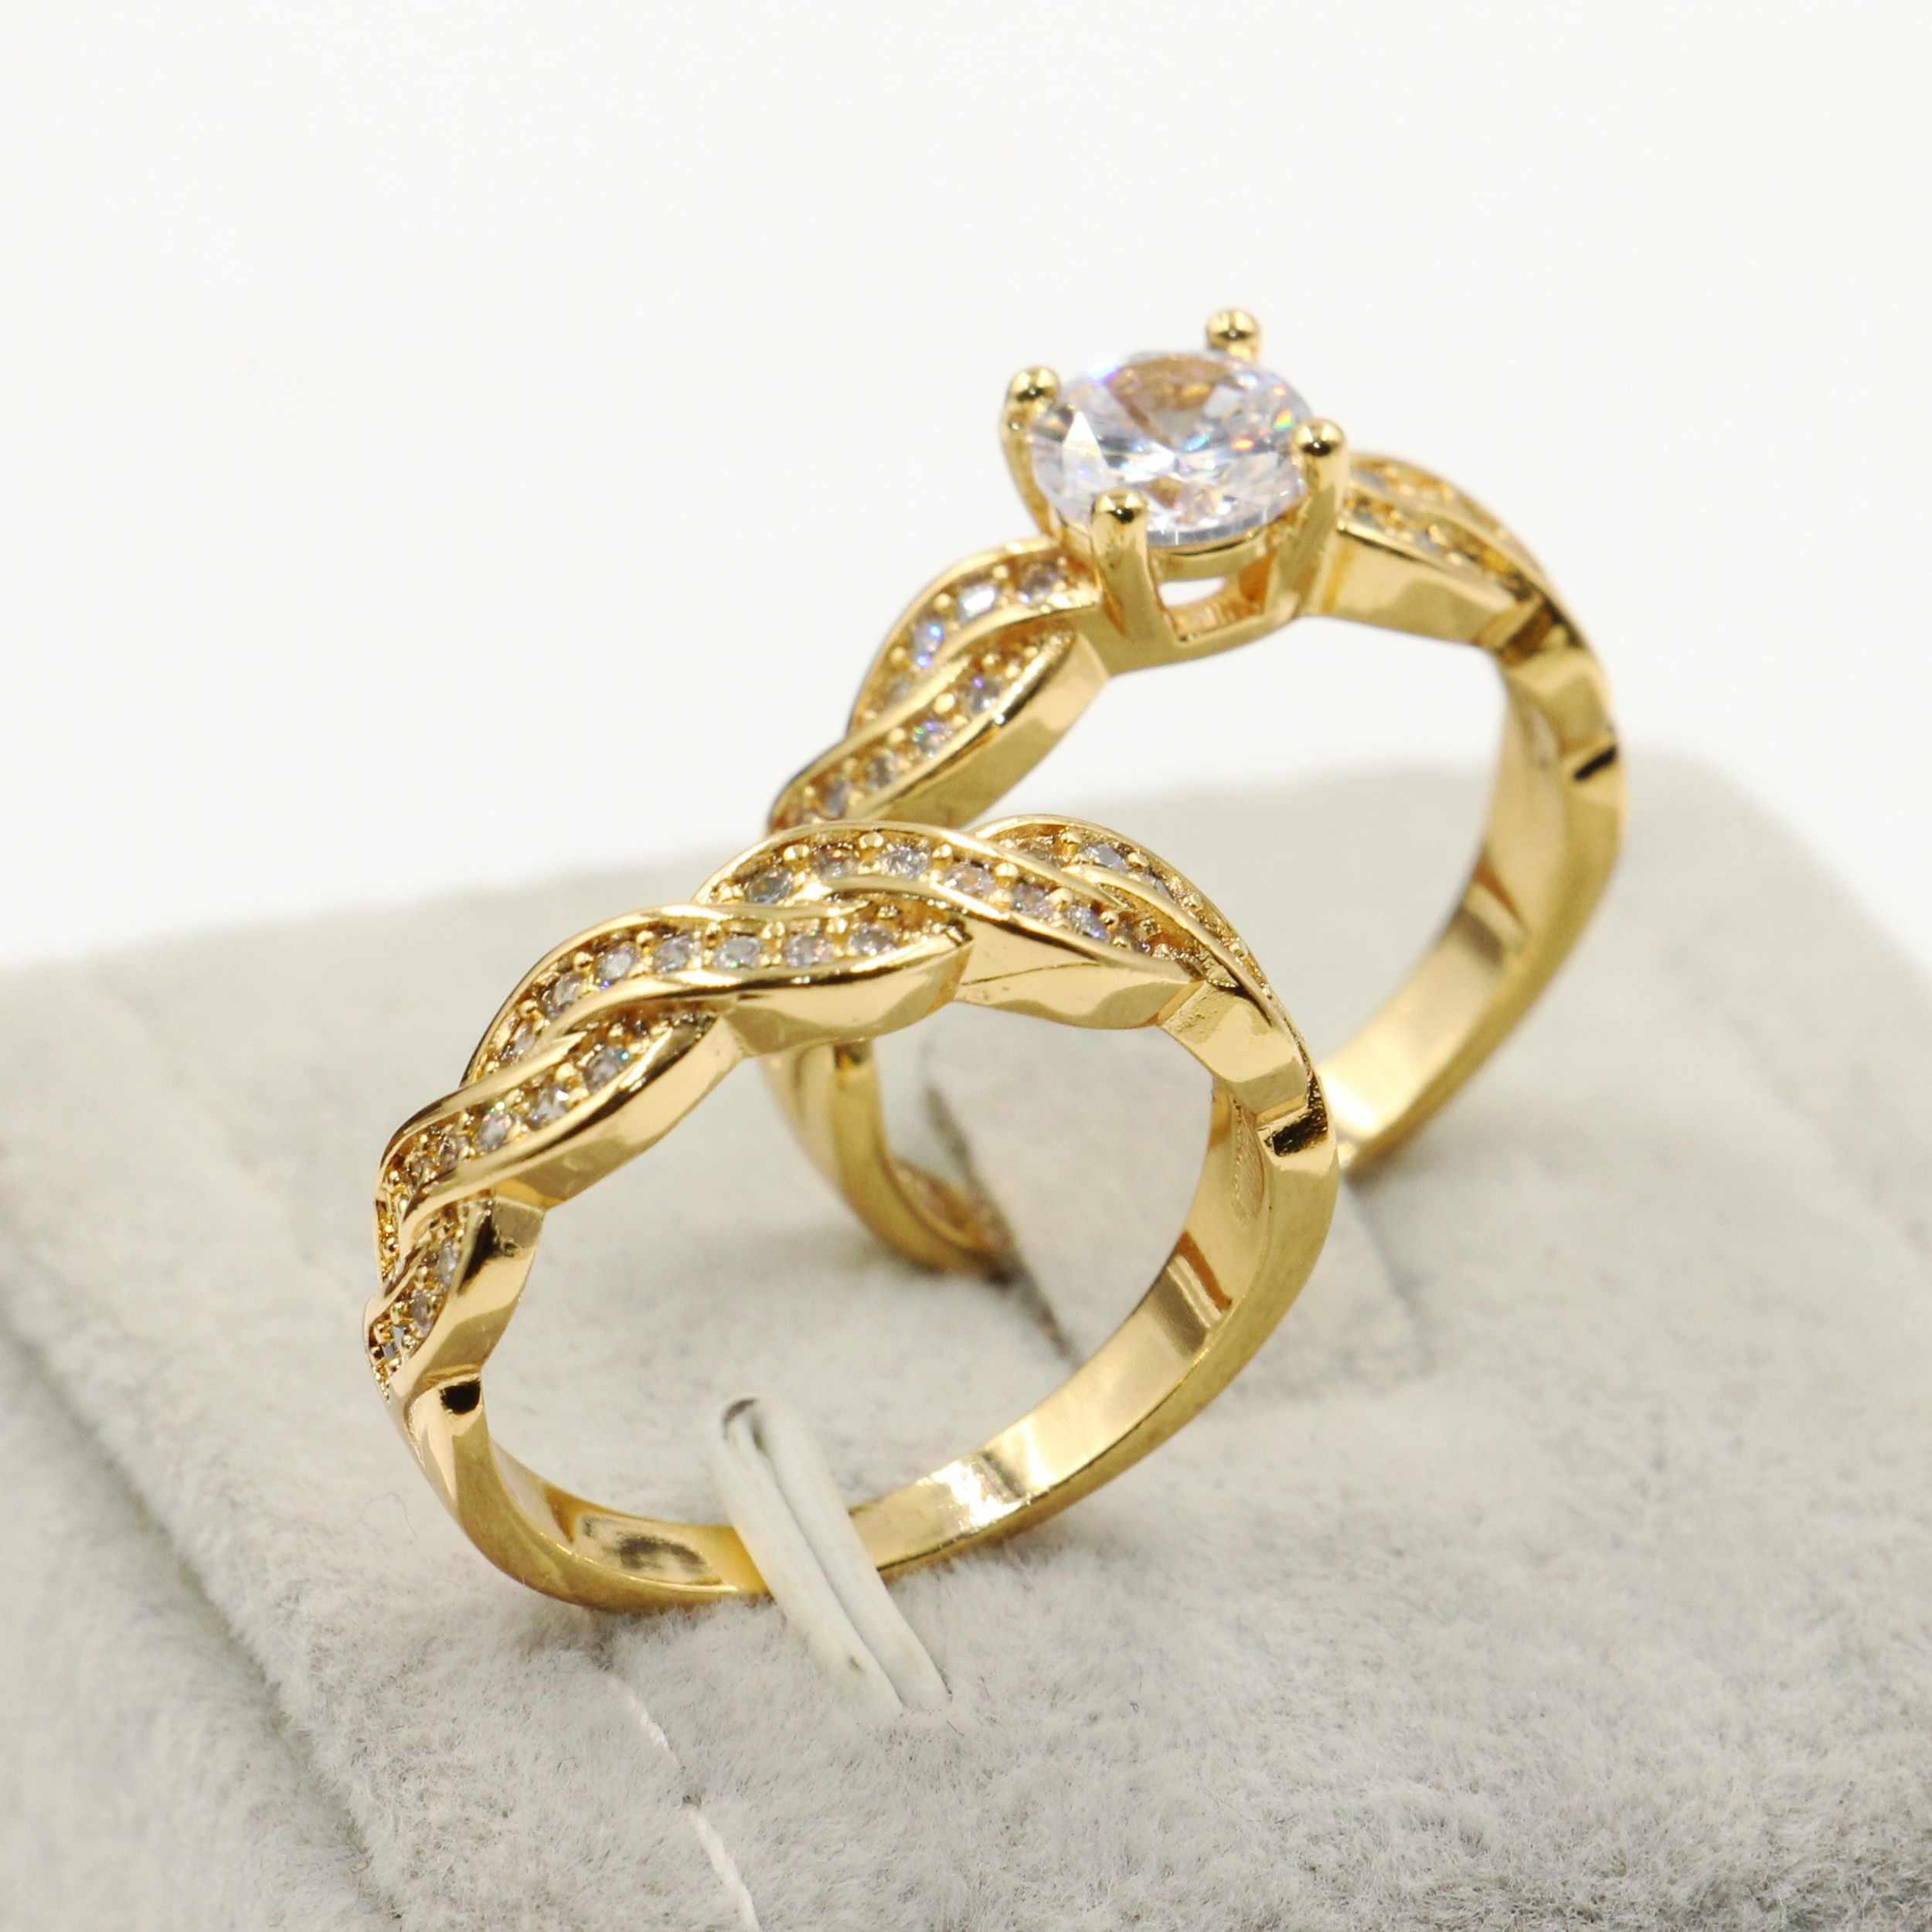 Rulalei ريترو مجوهرات الأزياء 18KT الذهب ملء جولة قص الأبيض واضح 5A زركون خاتم زفاف الخلود الزفاف زوجين خواتم